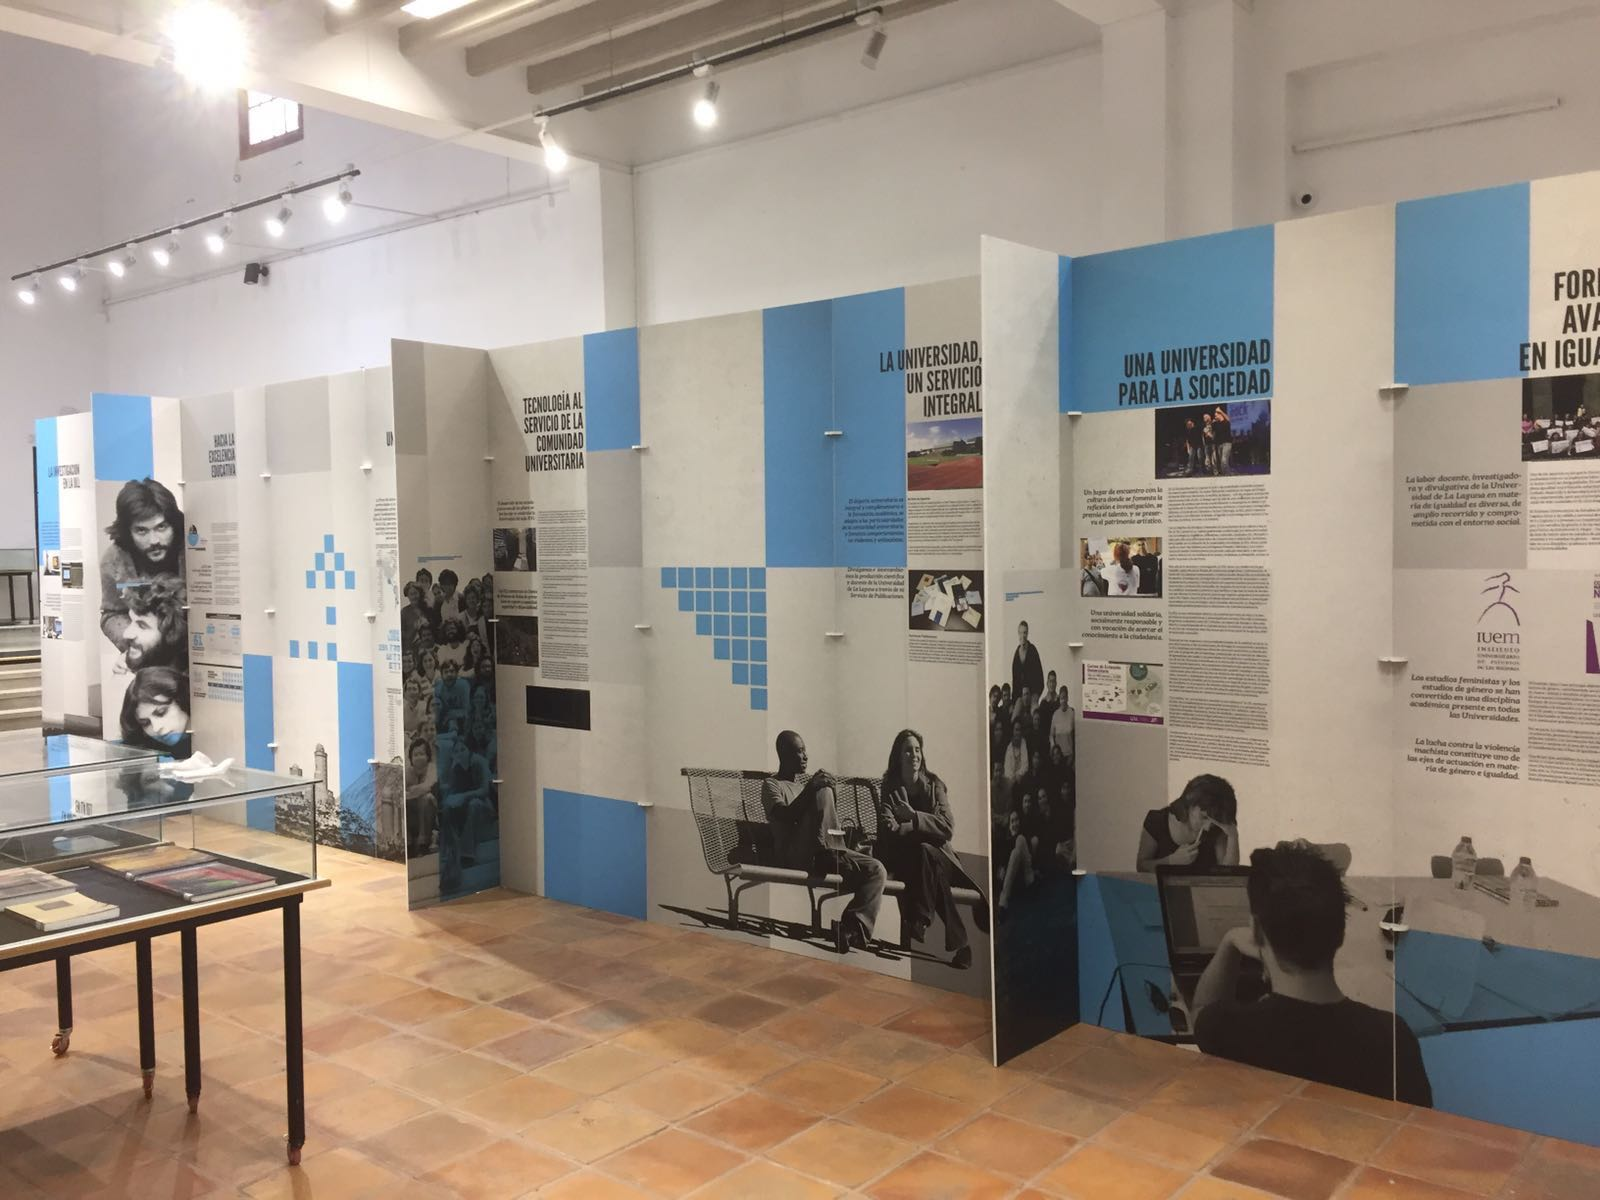 Proyecto museográfico Universidad de la Laguna, Tenerife